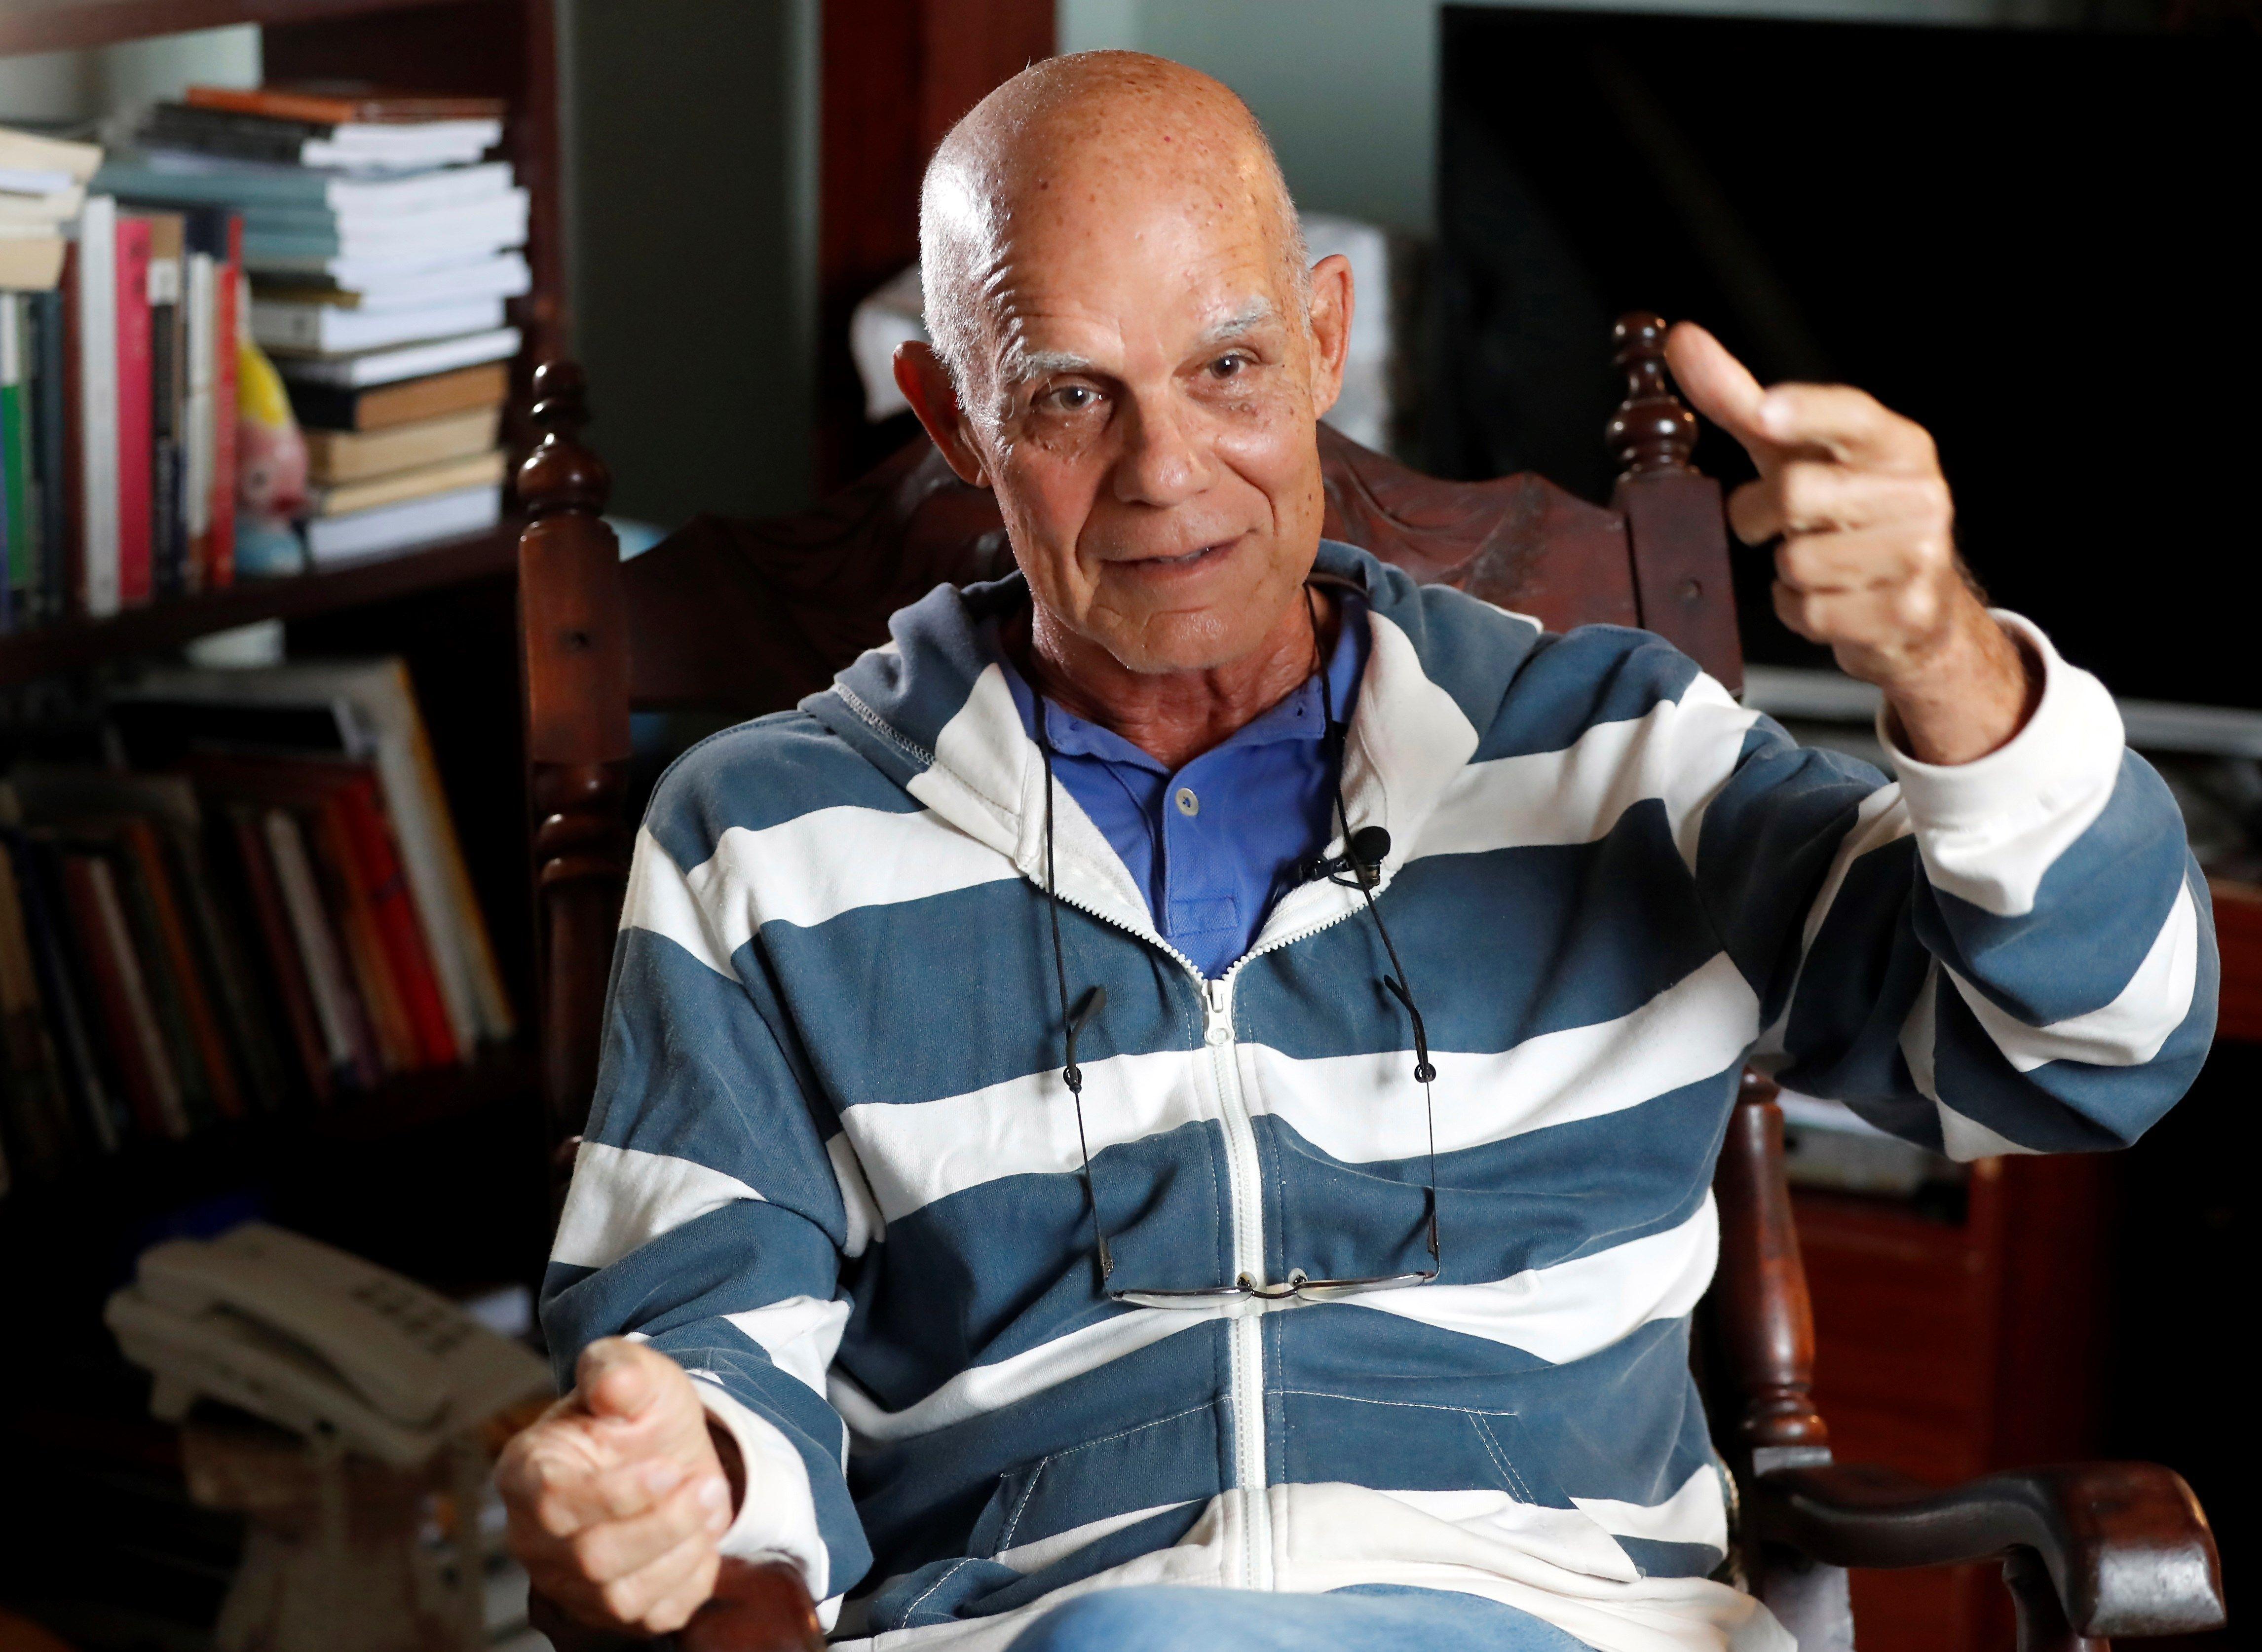 Pedro Juan Gutiérrez en su casa en La Habana. Foto: Ernesto Mastrascusa / EFE.